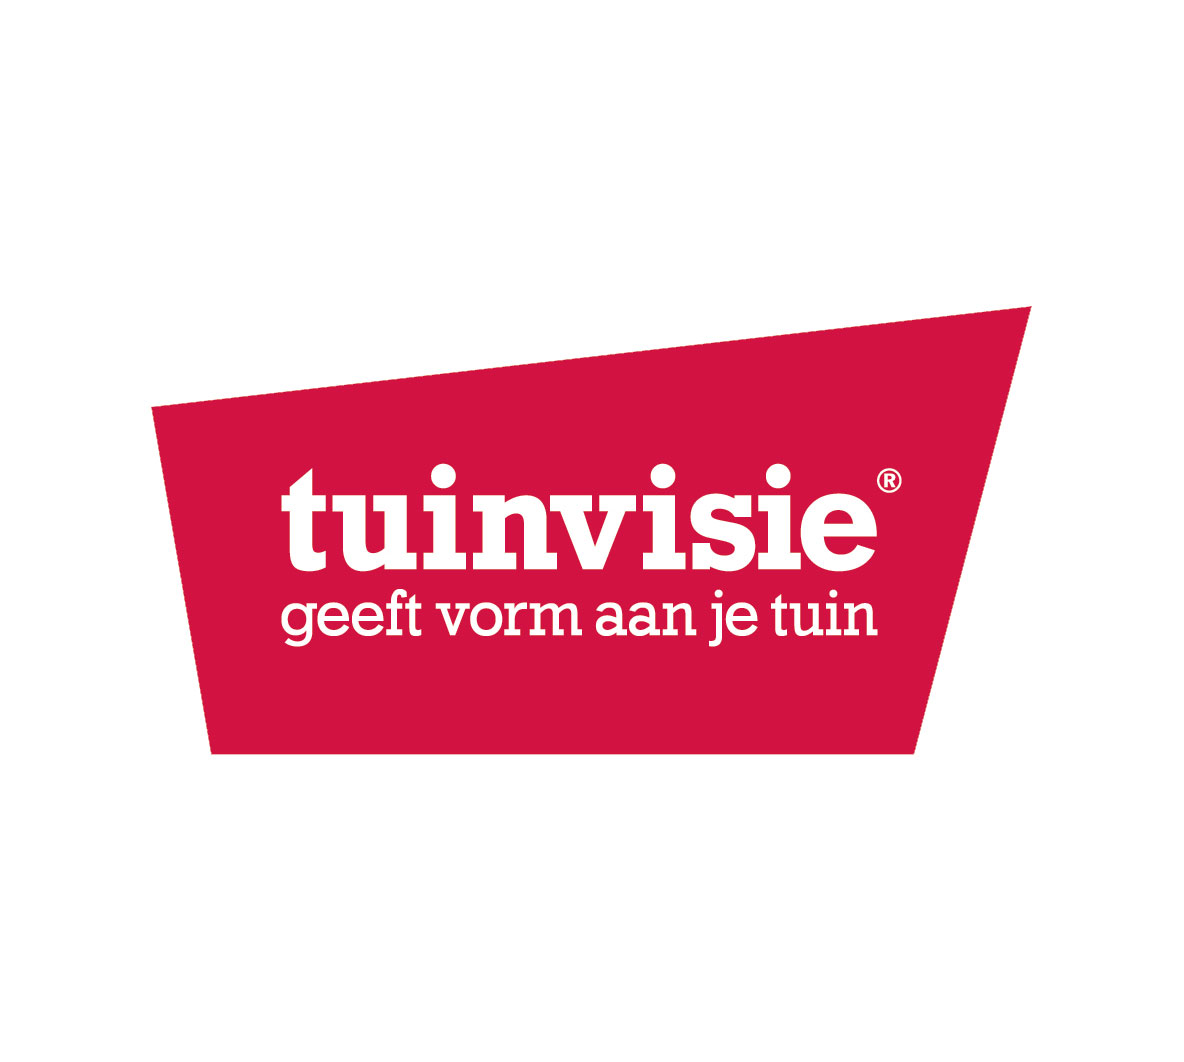 tuinvisie-logo